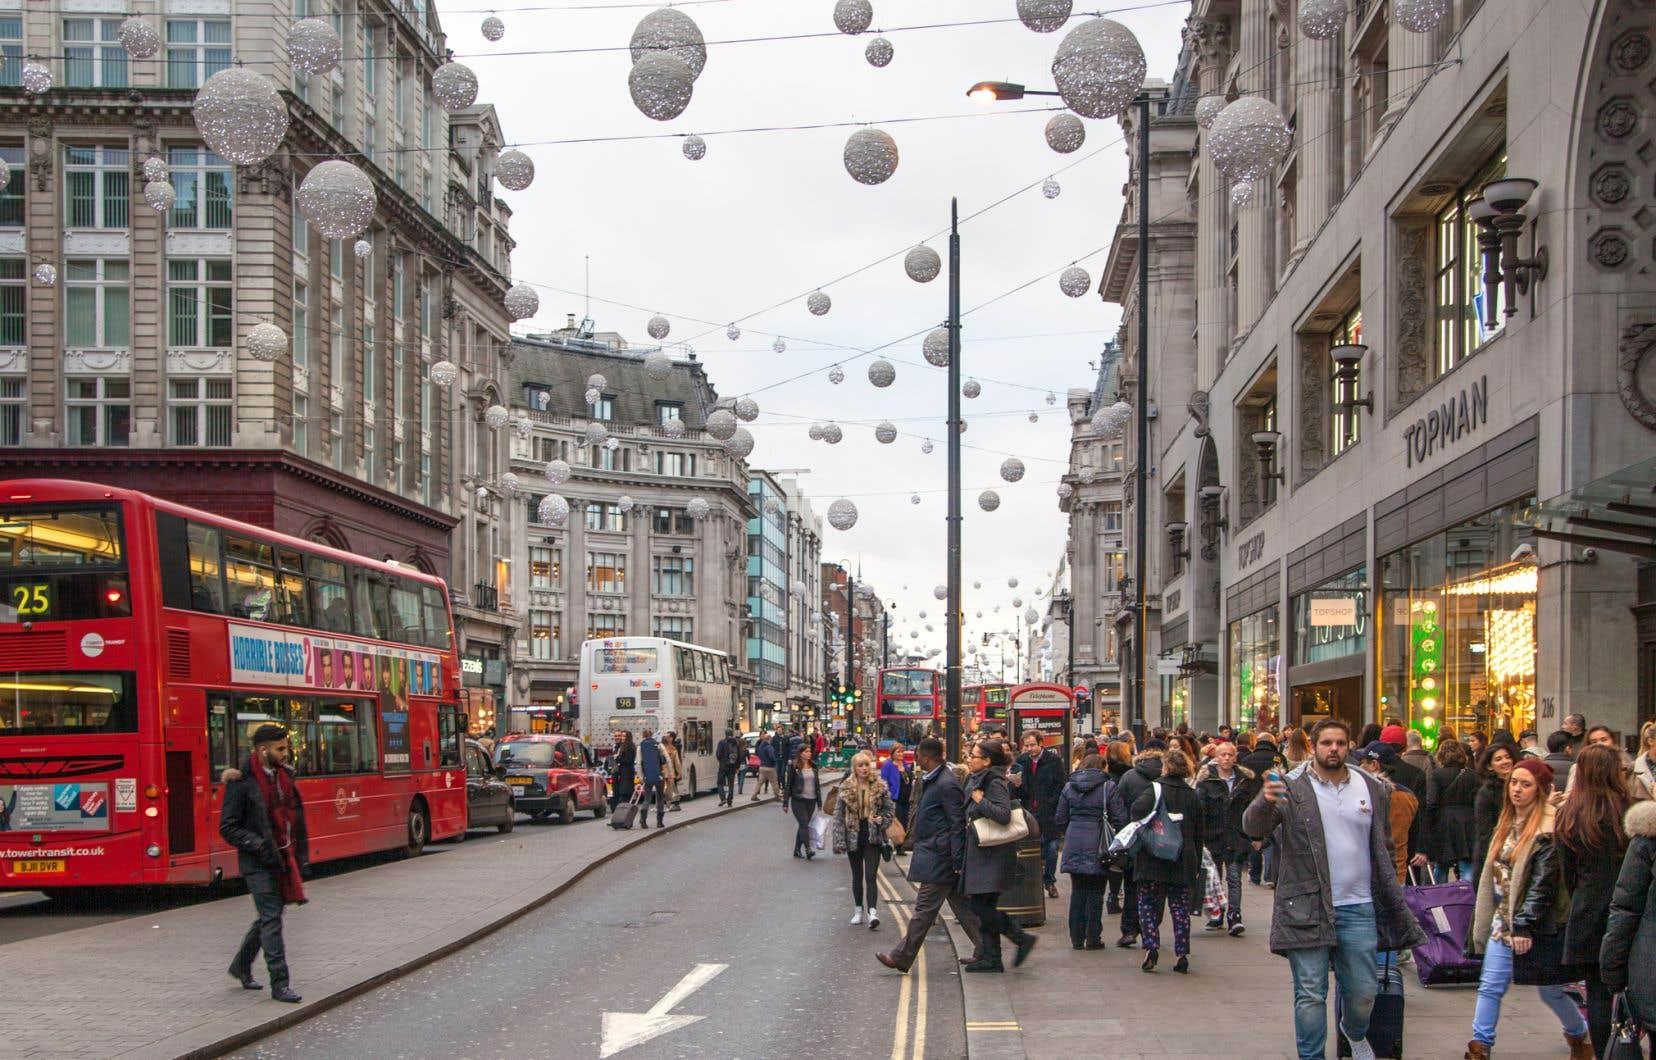 L'accélération de l'inflation constitue un nouveau coup dur pour les ménages britanniques à l'approche des fêtes de Noël.